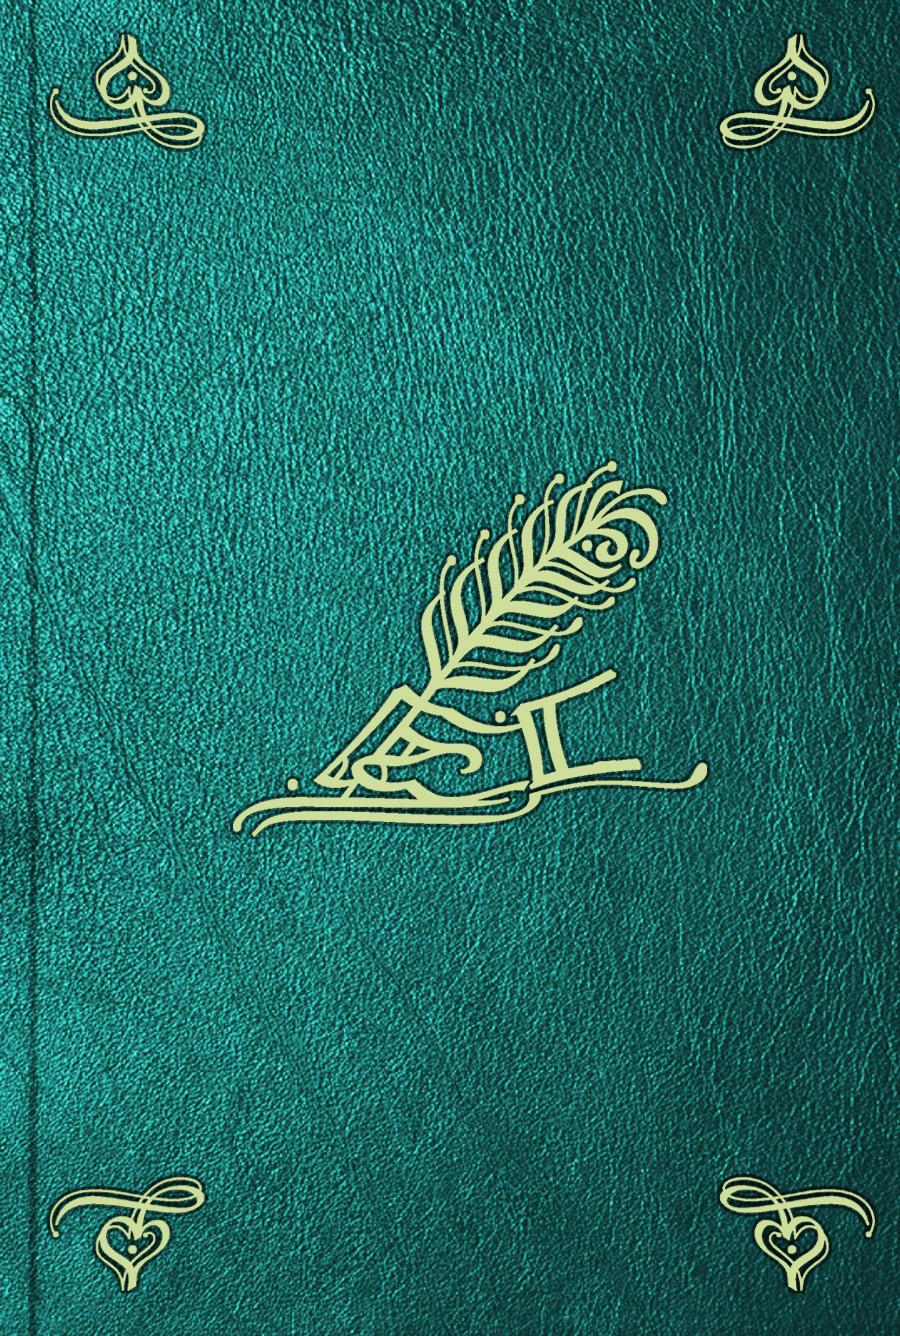 Friedrich Rühs Handbuch der Geschichte des Mittelalters. T. 2, Abt. 2 ernst friedrich karl rosenmüller handbuch der biblischen altertumskunde bd 2 t 1